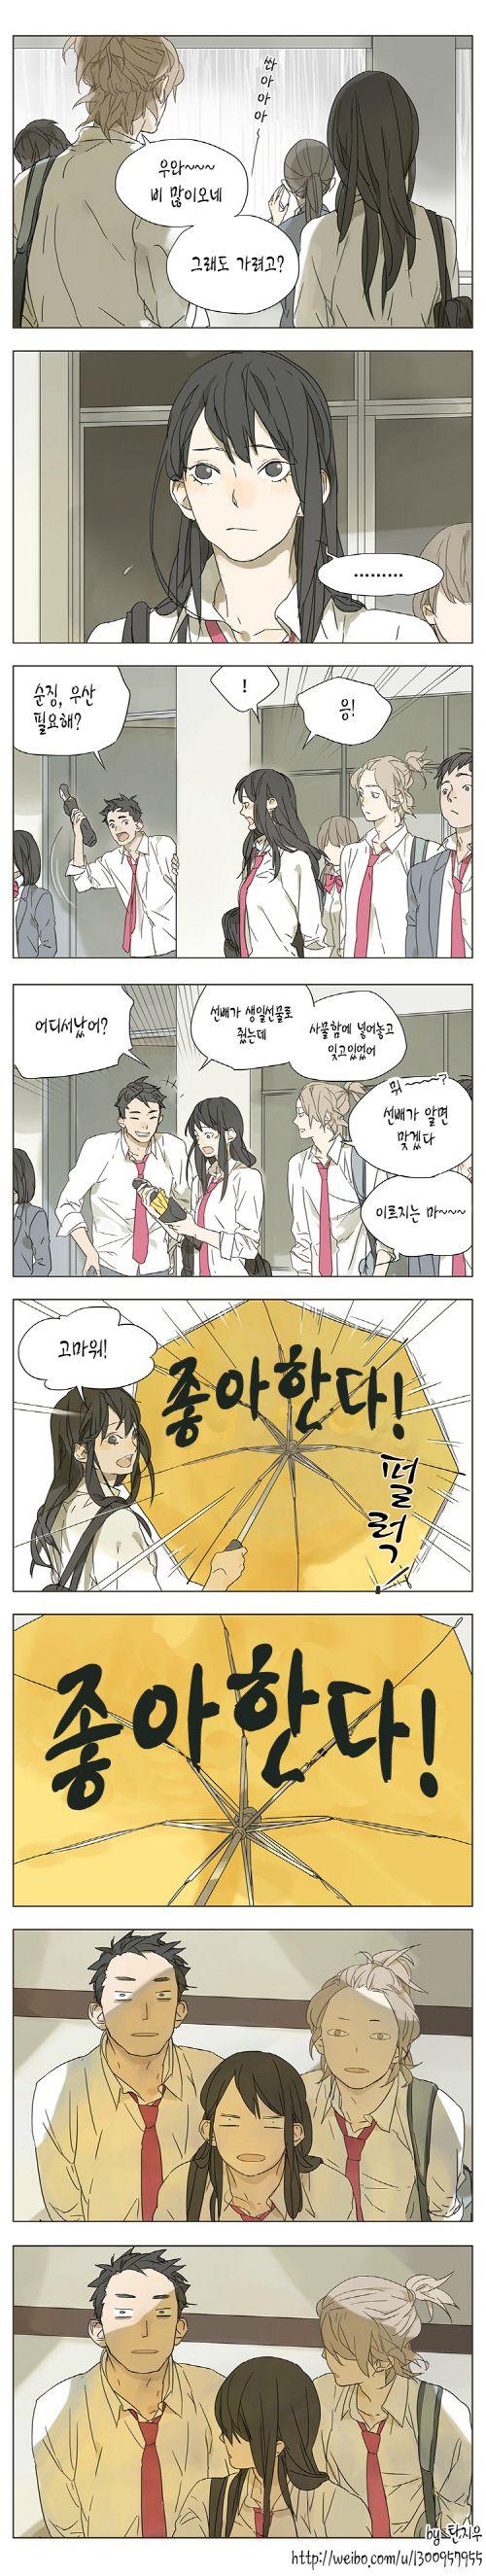 New TOWA Generation : [번역]탄지우 - 그들의 이야기 33화 ~ 35화